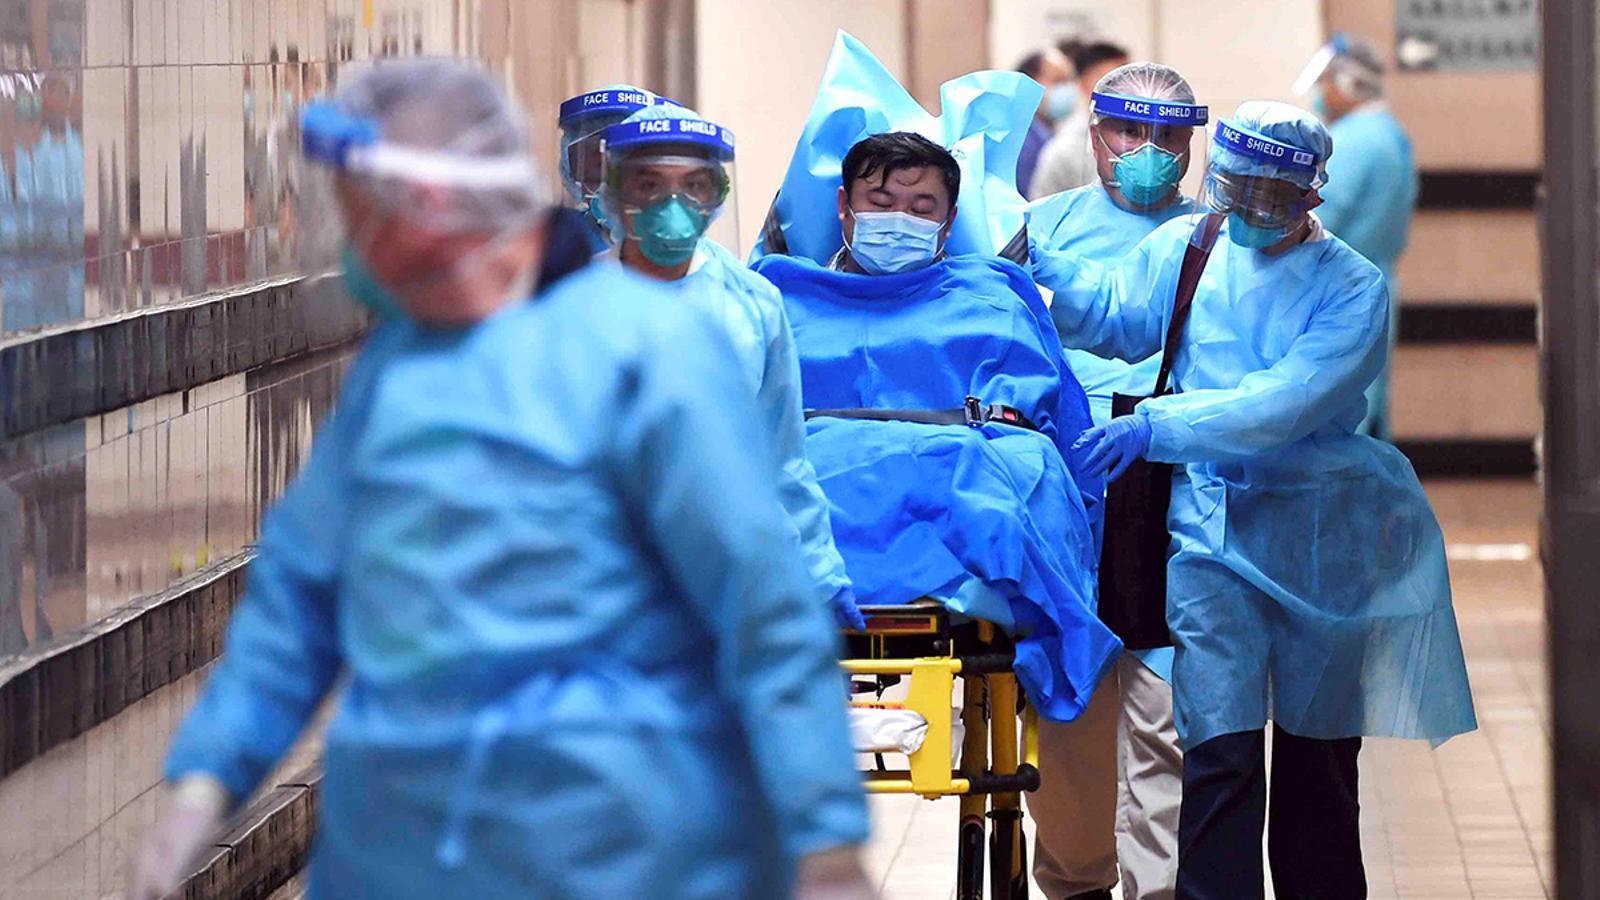 Un llibre dels 80 va parlar d'un virus creat a Wuhan com a arma biològica